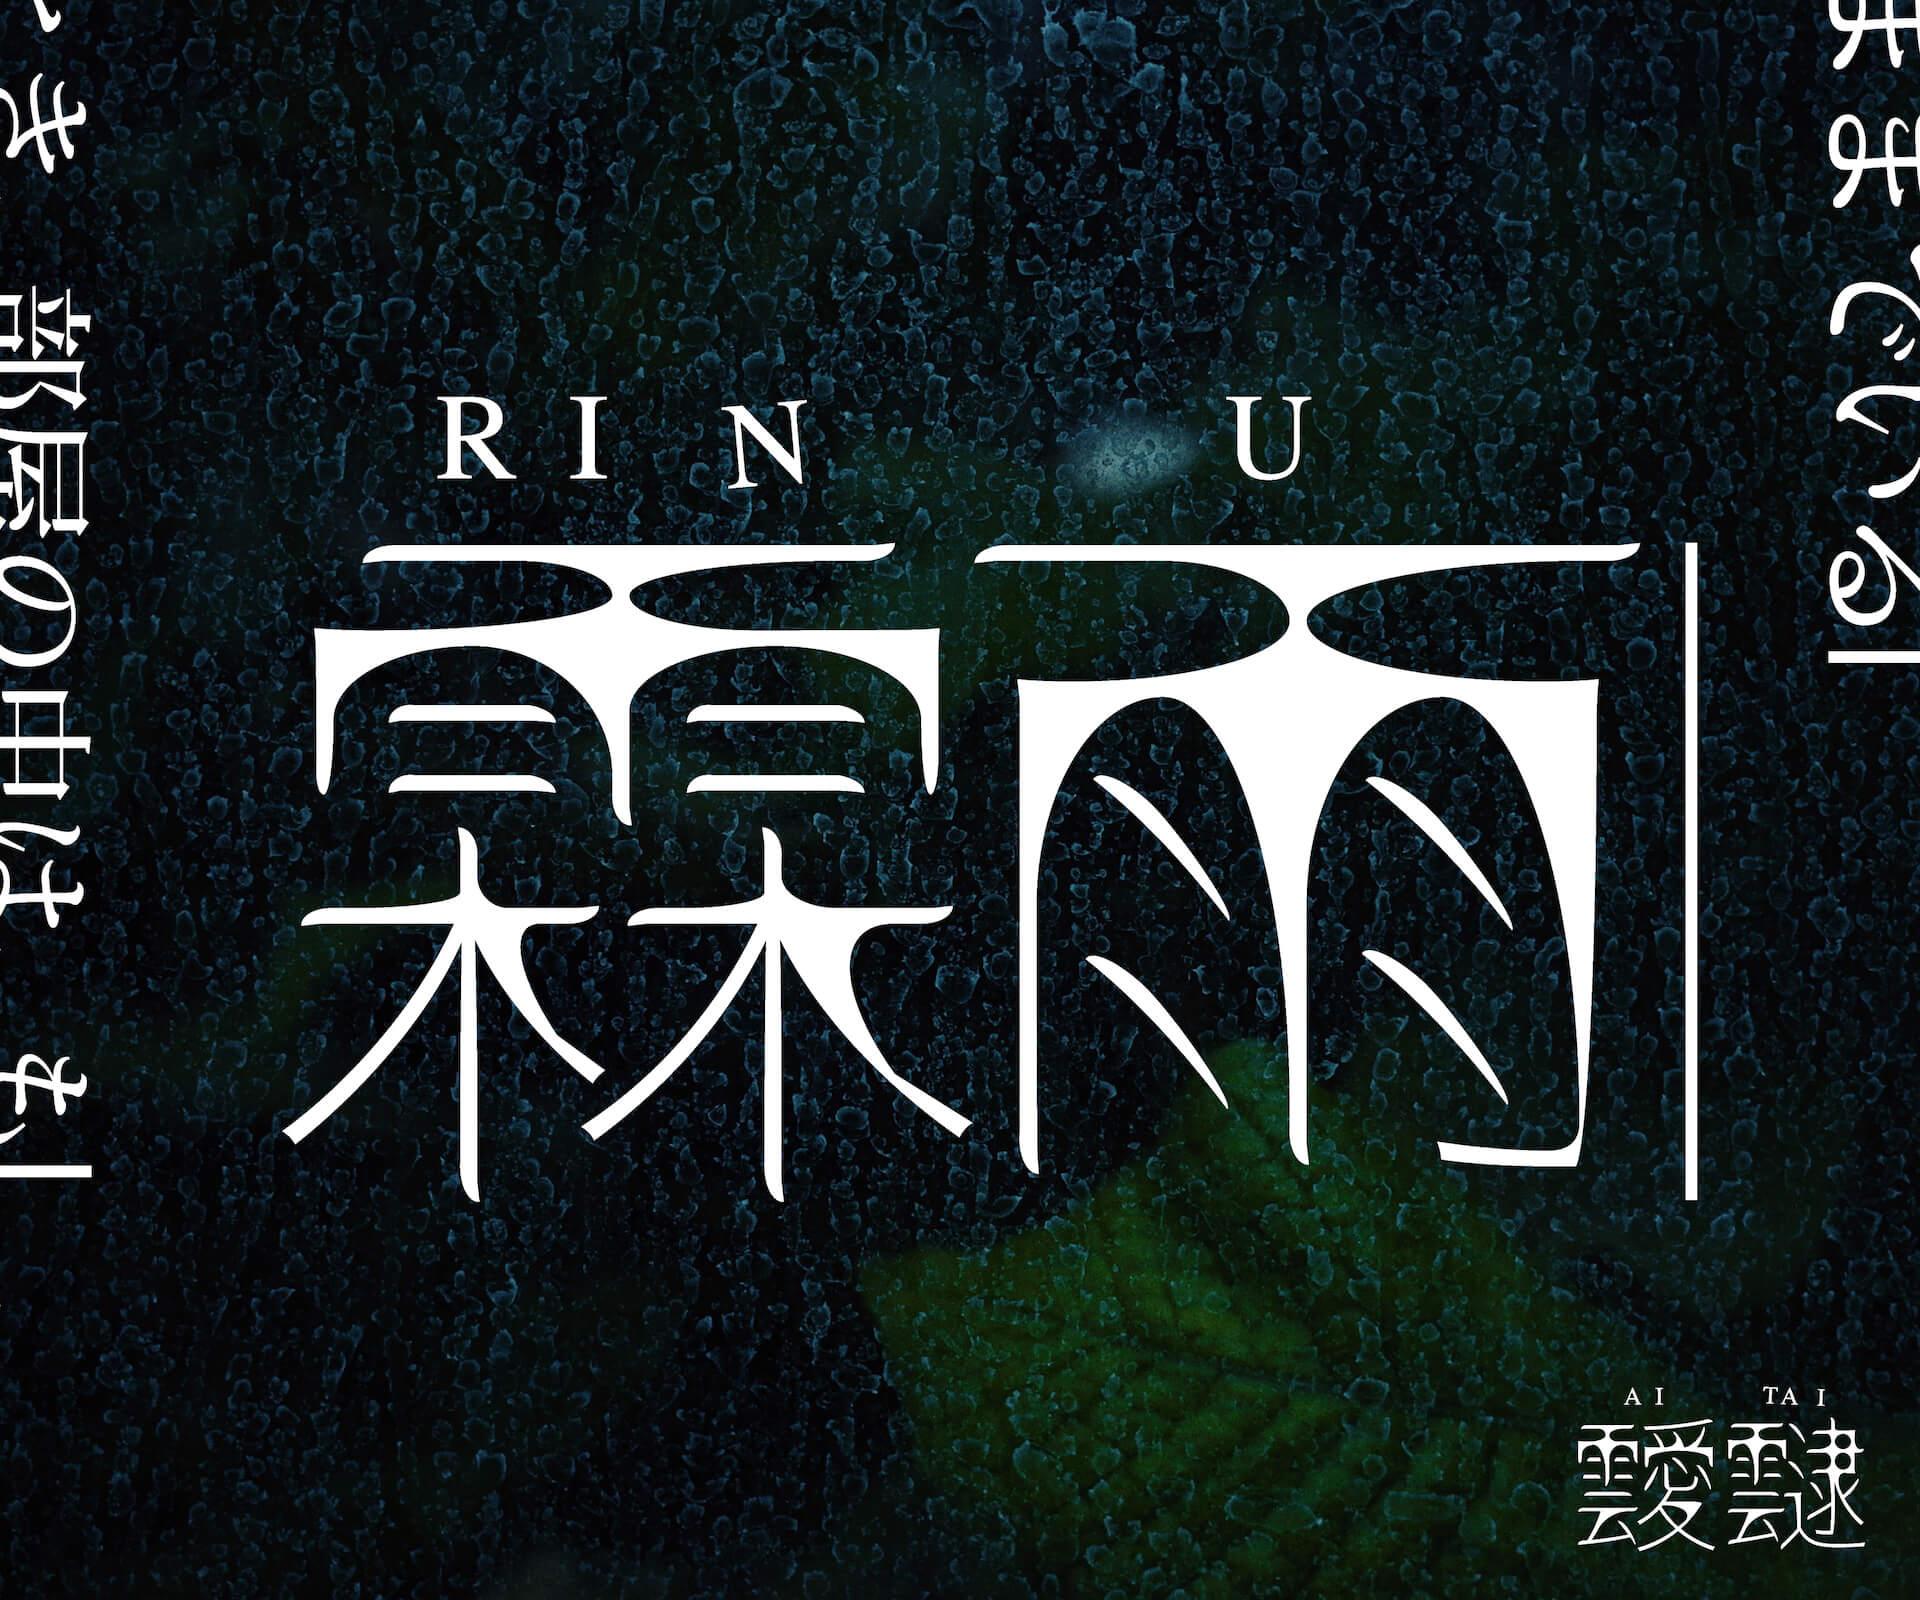 インタビュー|Seihoが語る、主催イベント<靉靆>が齎すもの music190918-seiho-rinu-1